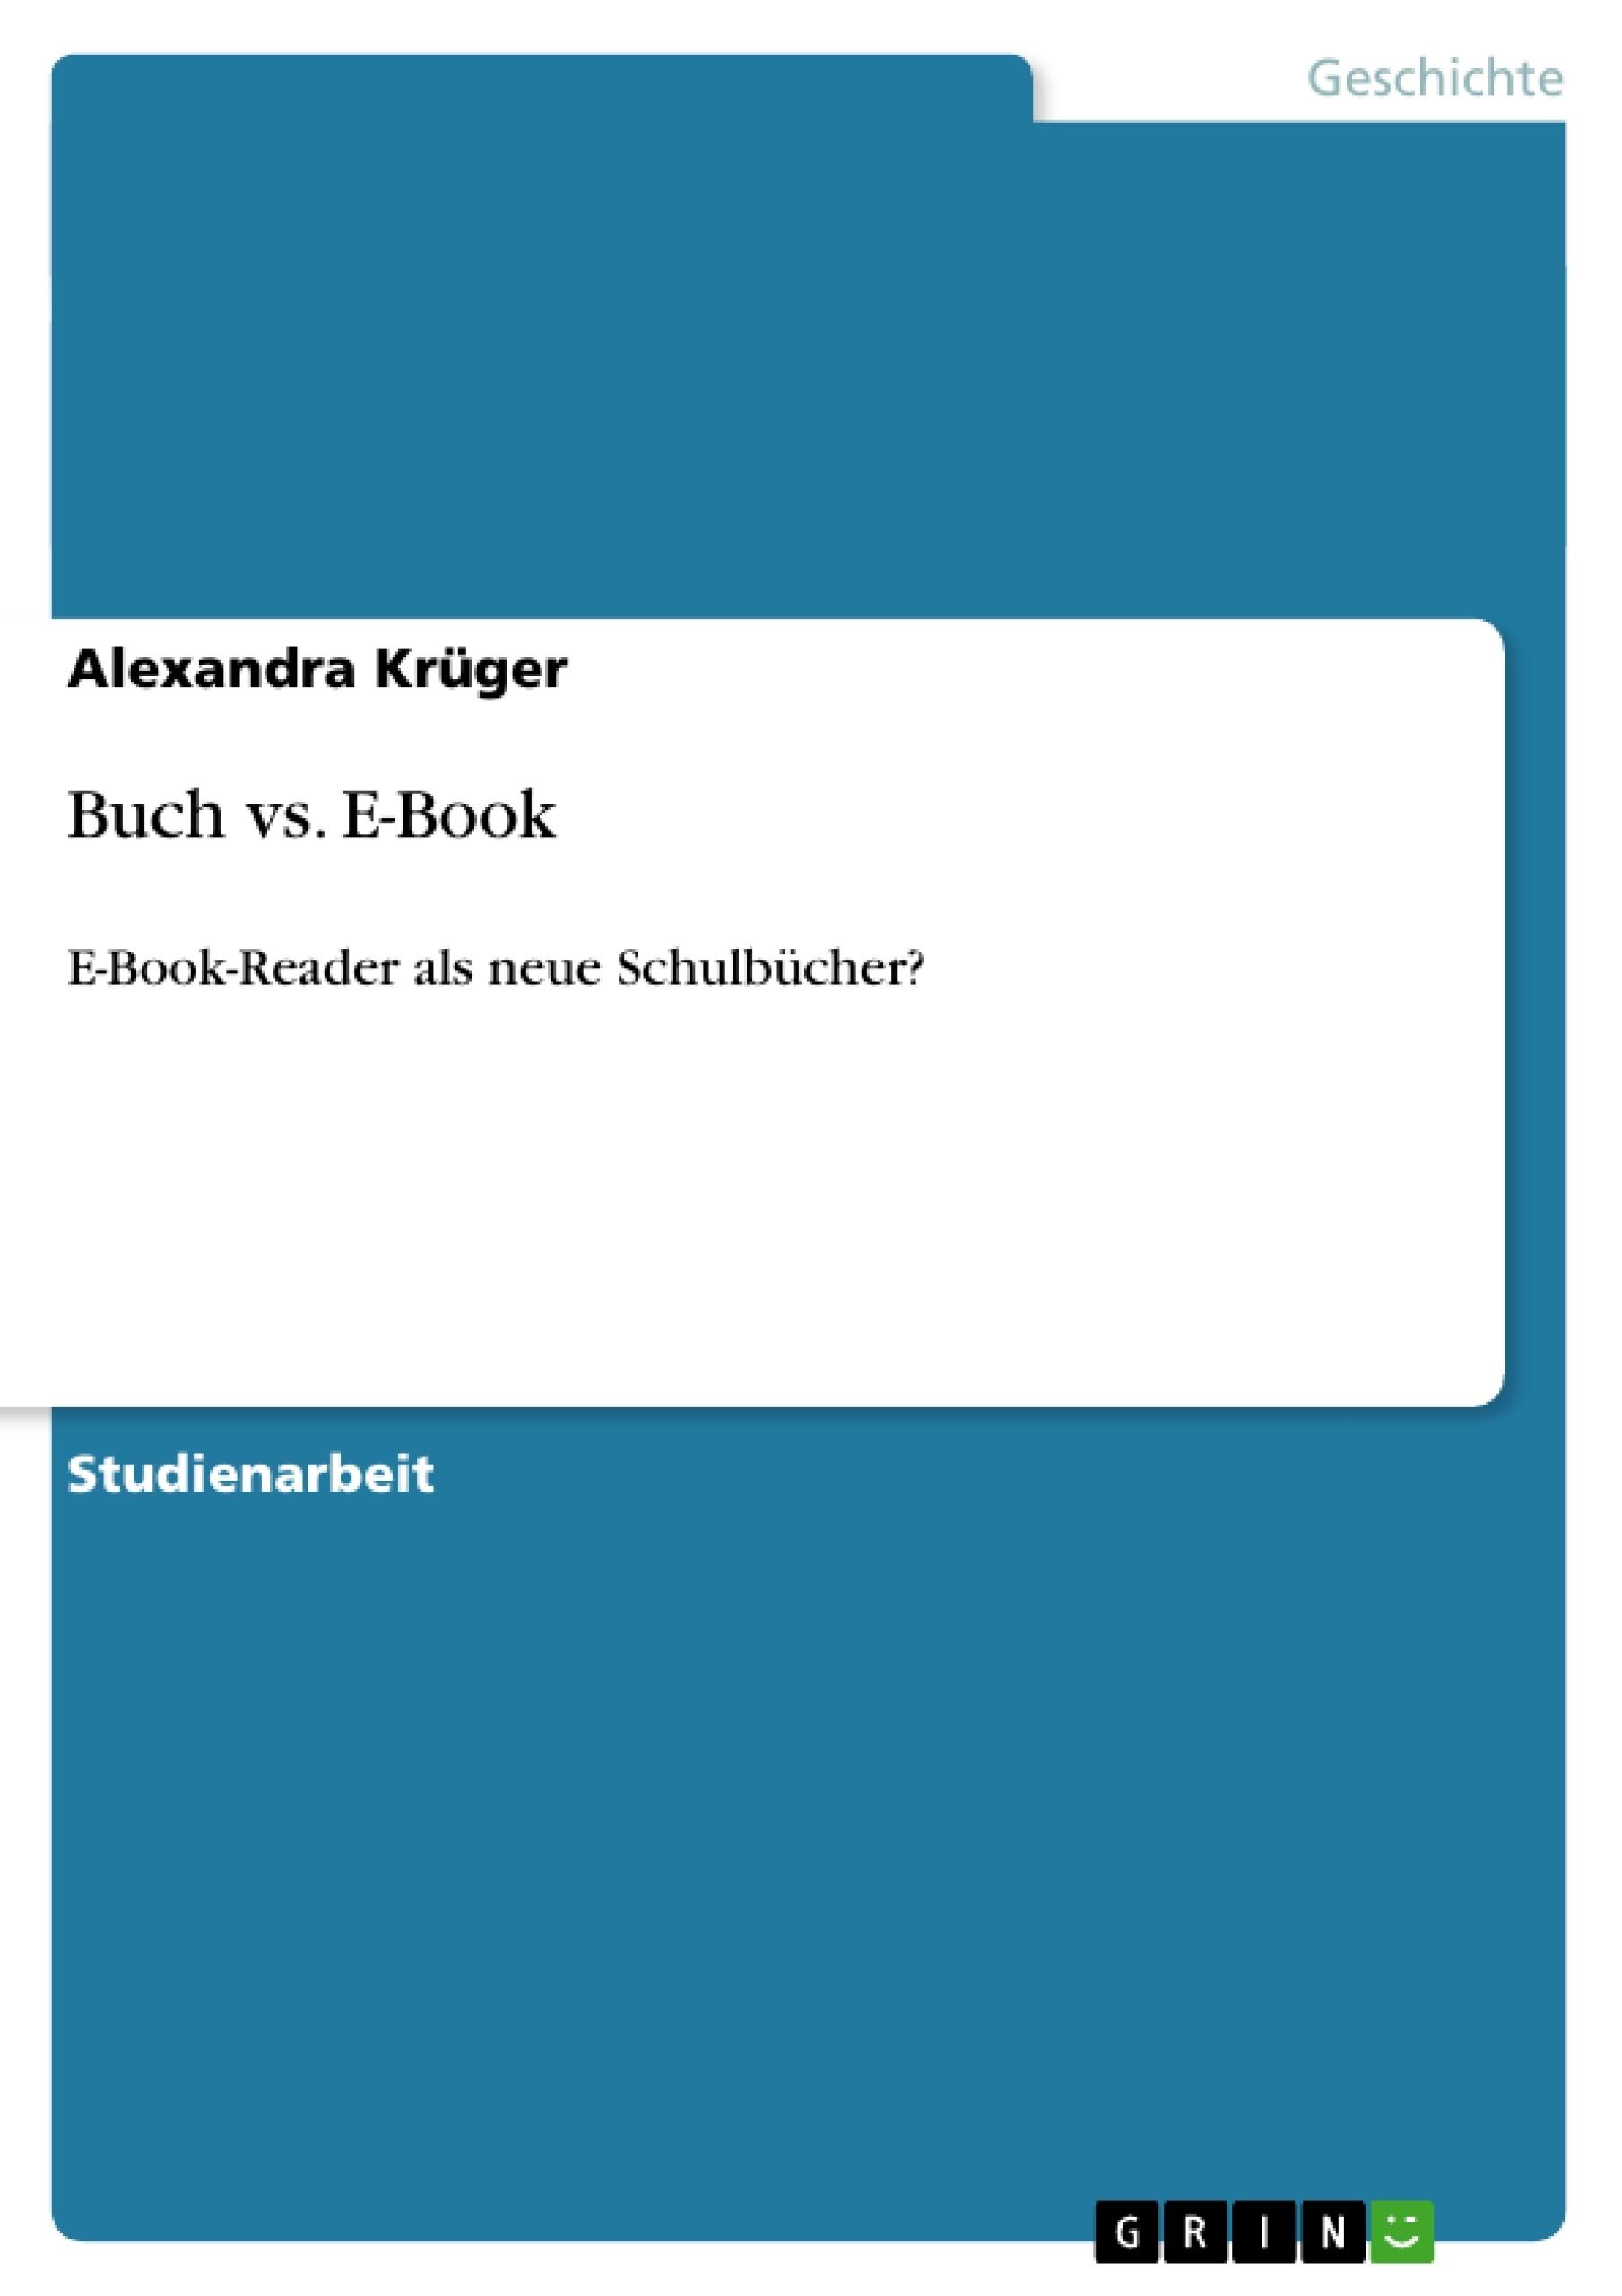 Titel: Buch vs. E-Book